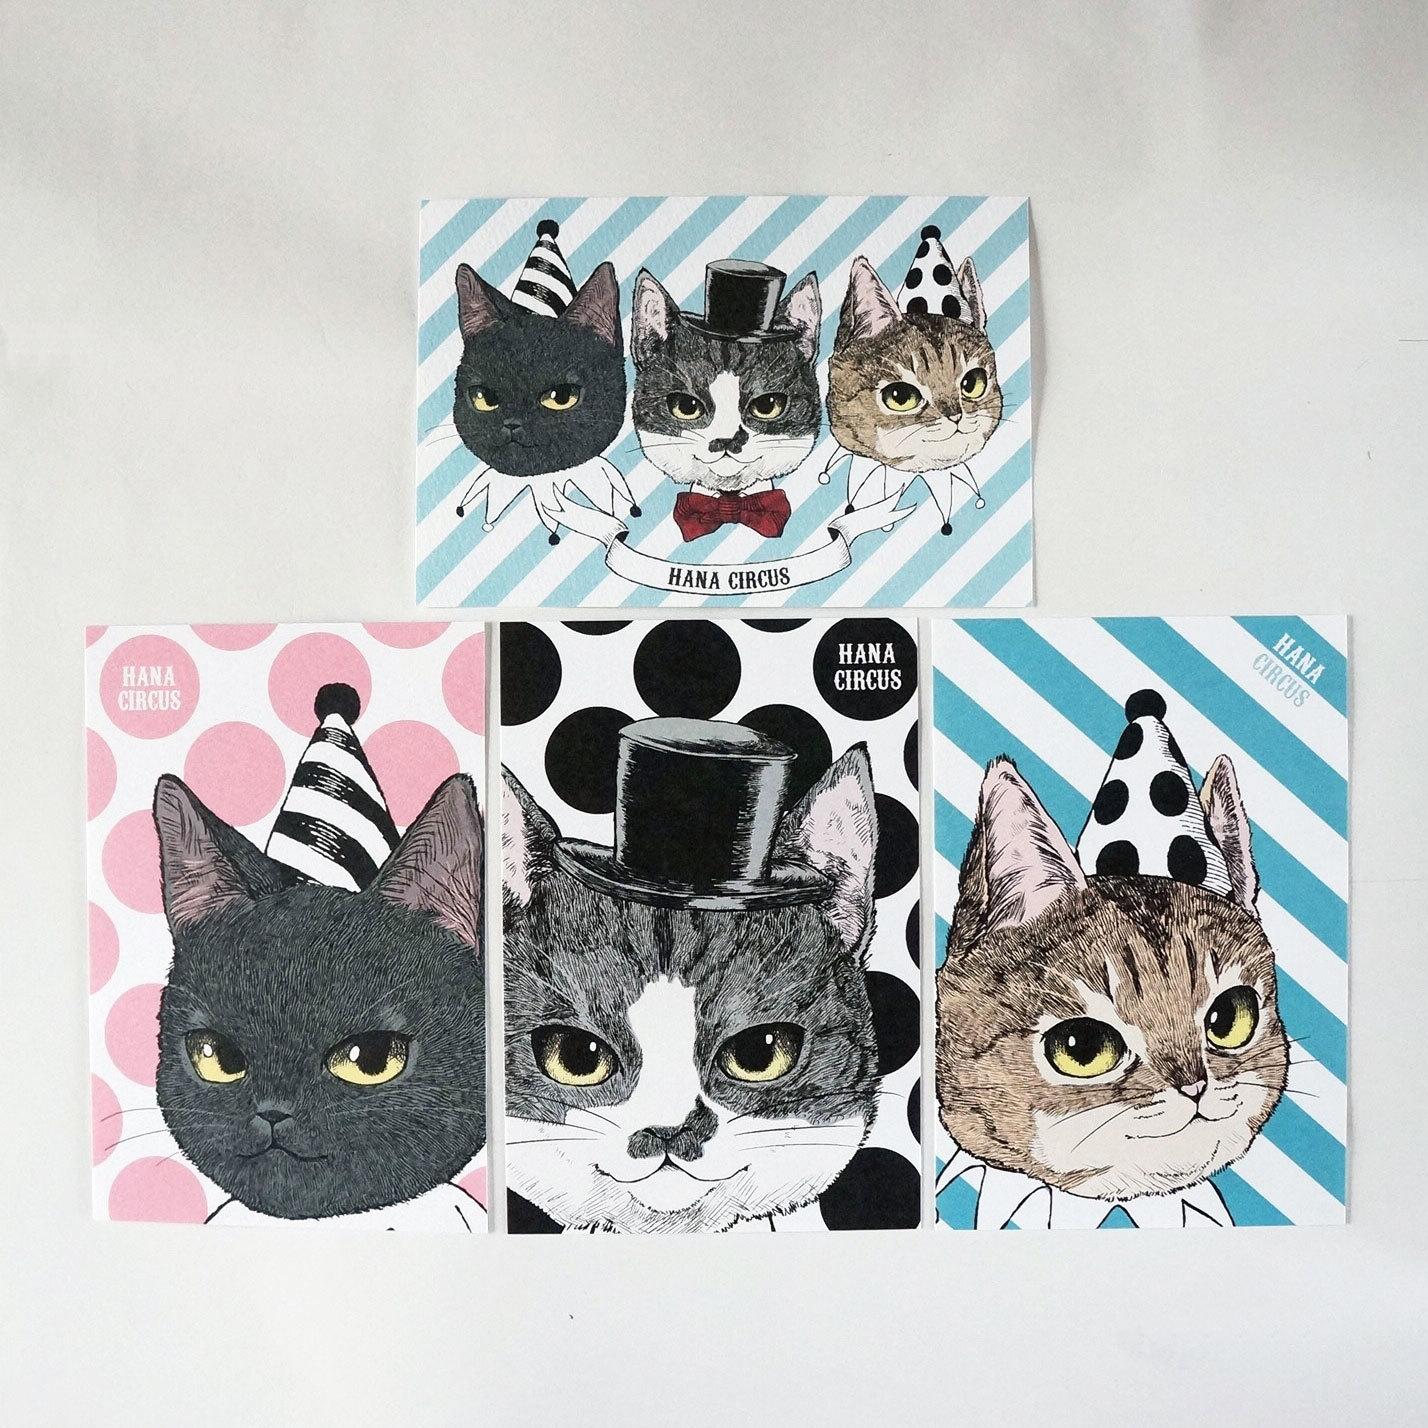 7d5f81280470 HANA circus original ポストカード 4枚セット 猫 はちわれ キジトラ 黒 ...